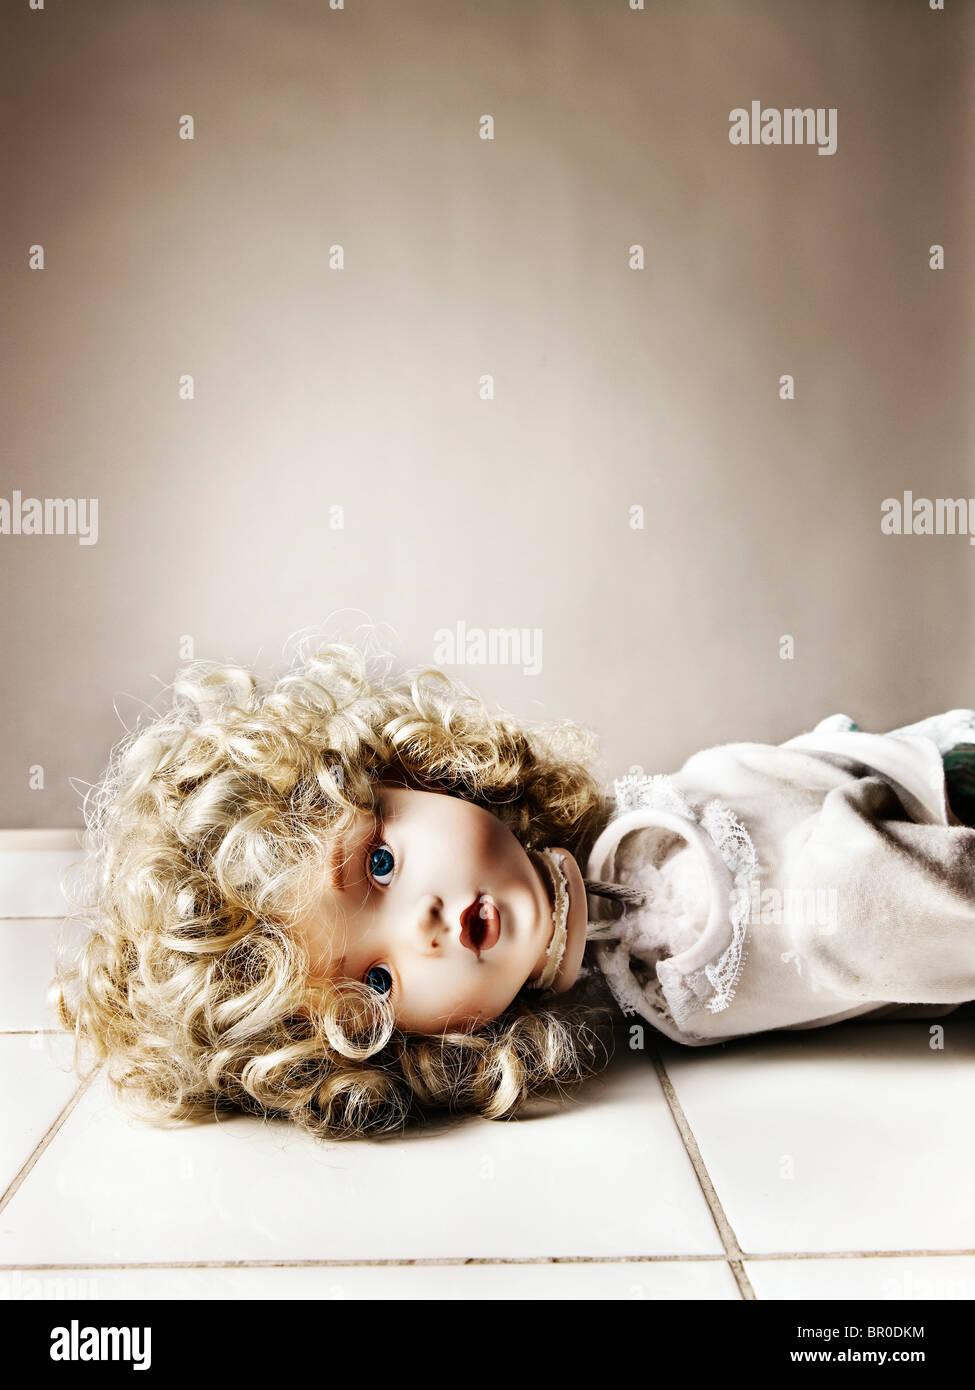 Bambola porcellana con un collo spezzato giacente su un pavimento piastrellato di bianco Immagini Stock